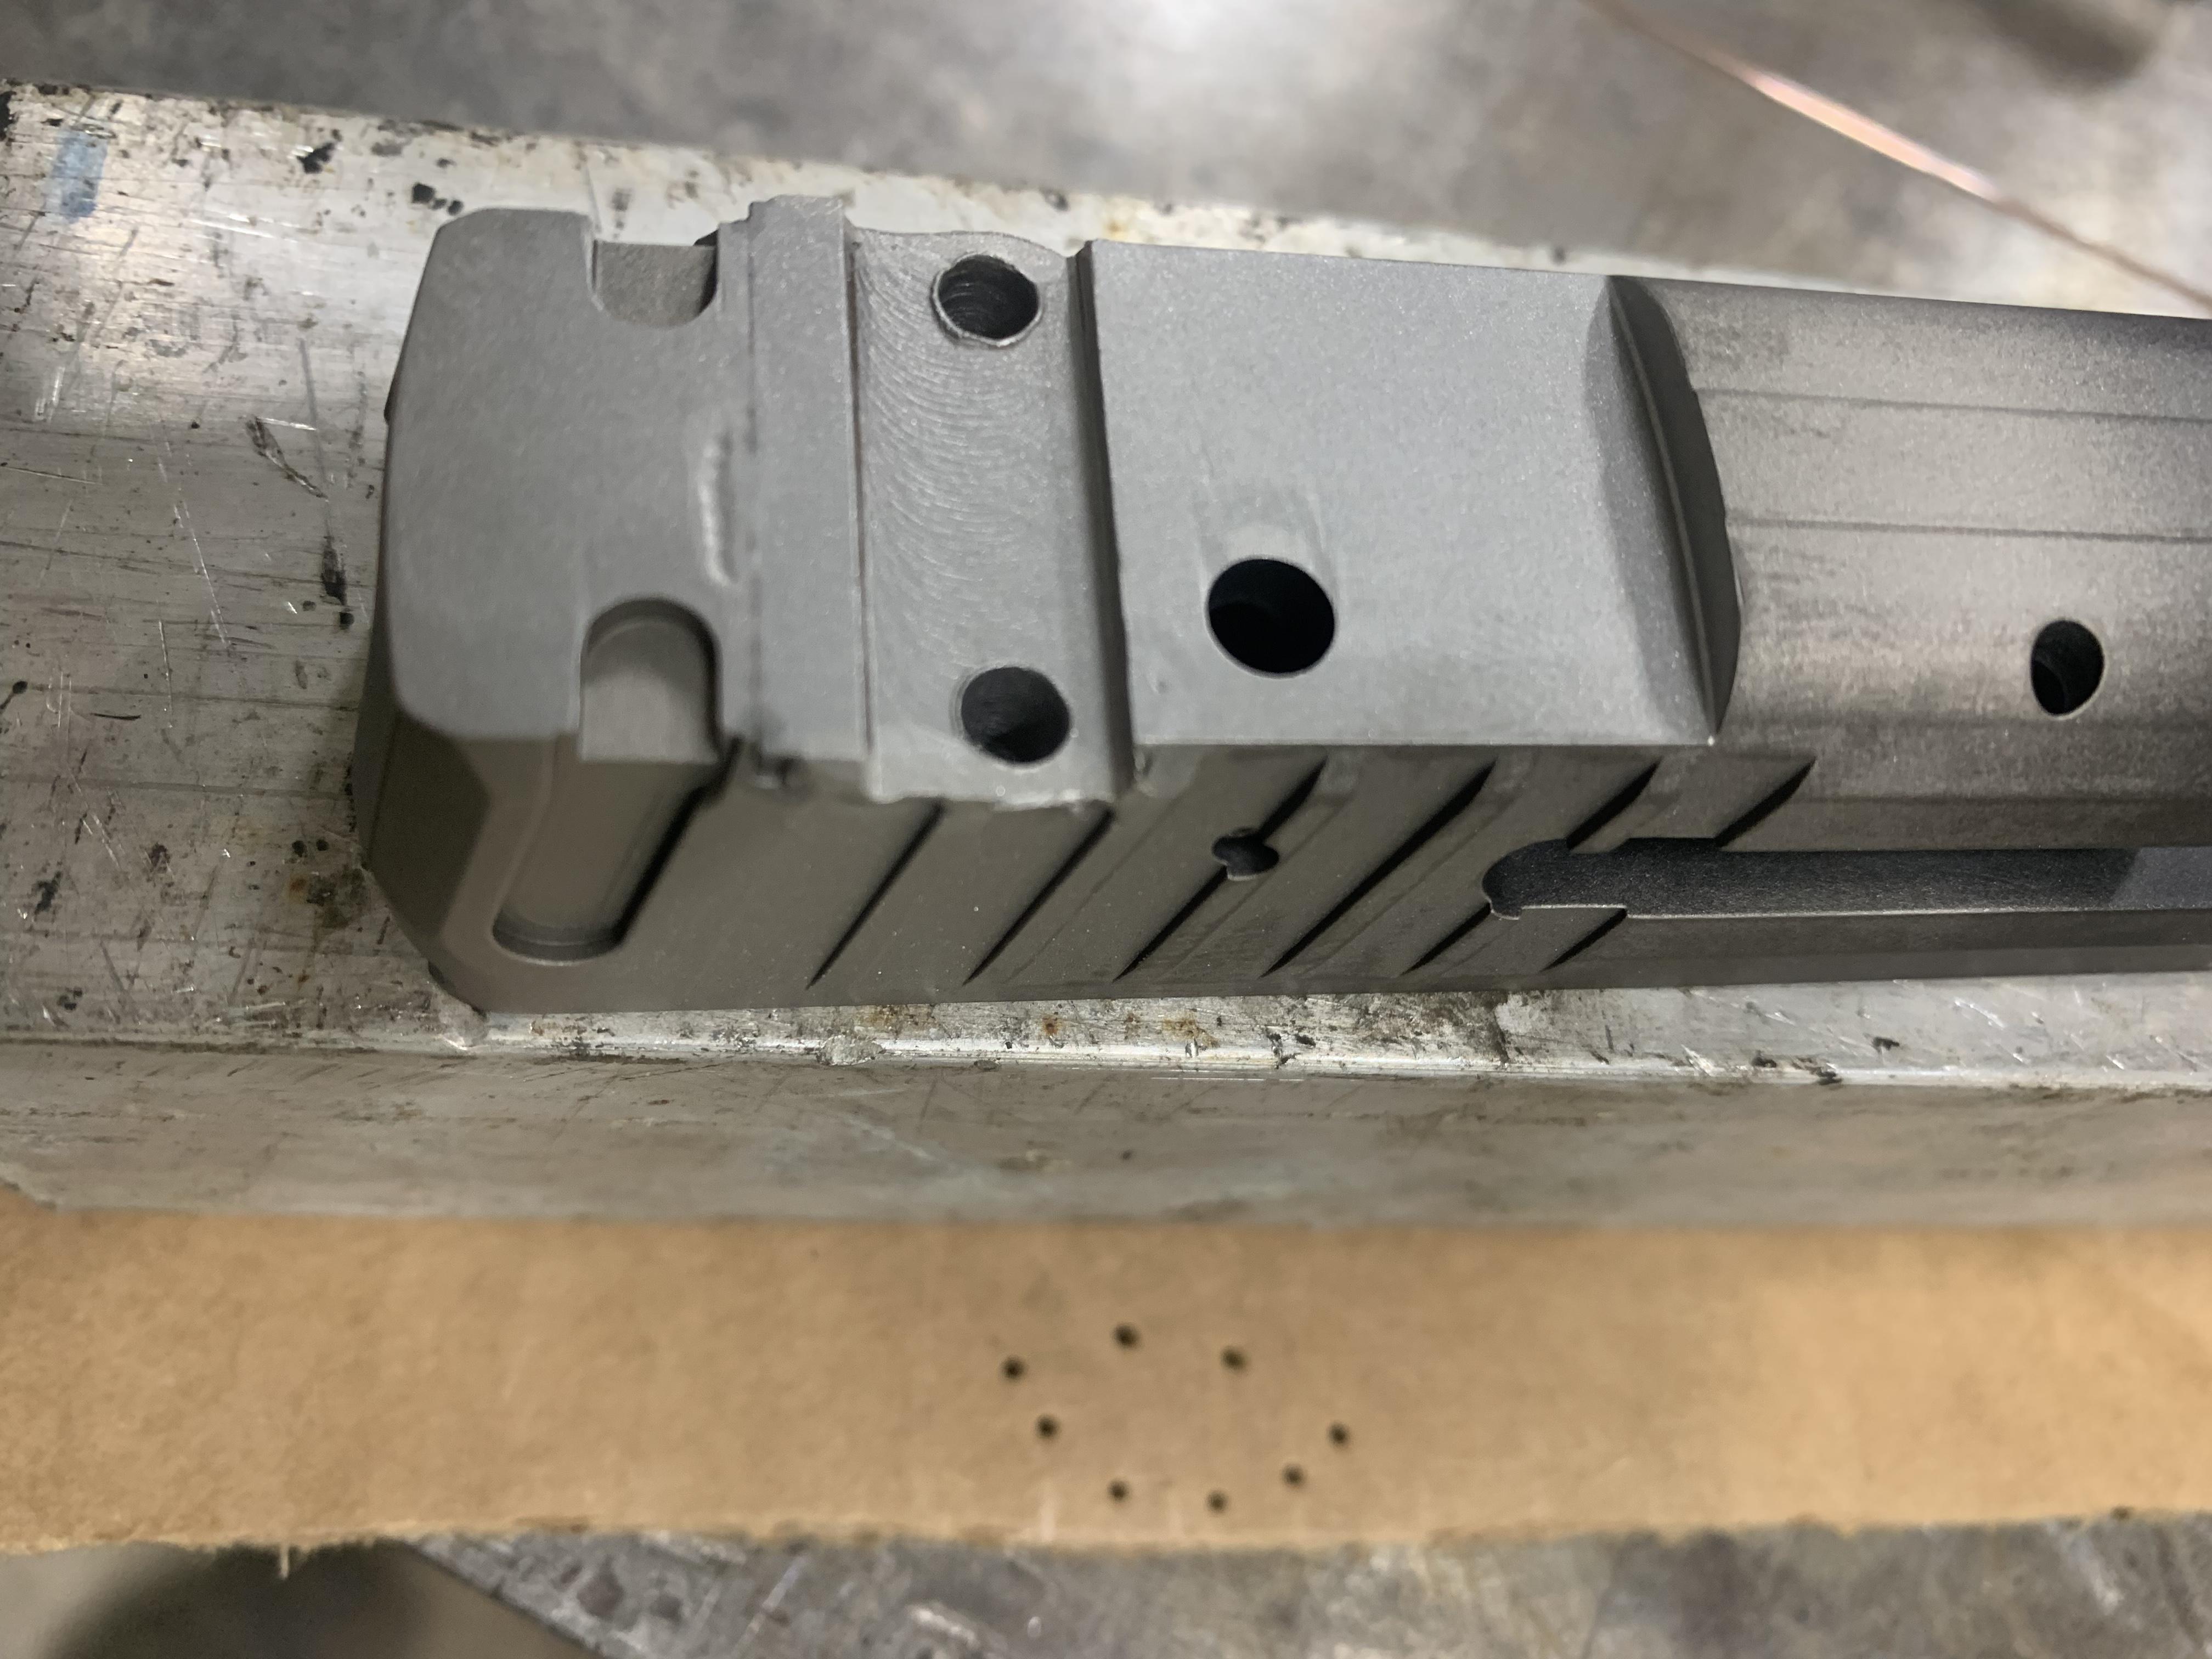 Vp9 slide repair-d3ab06d6-7df6-40e5-9e7b-4858e6cc4435_1550442236767.jpeg